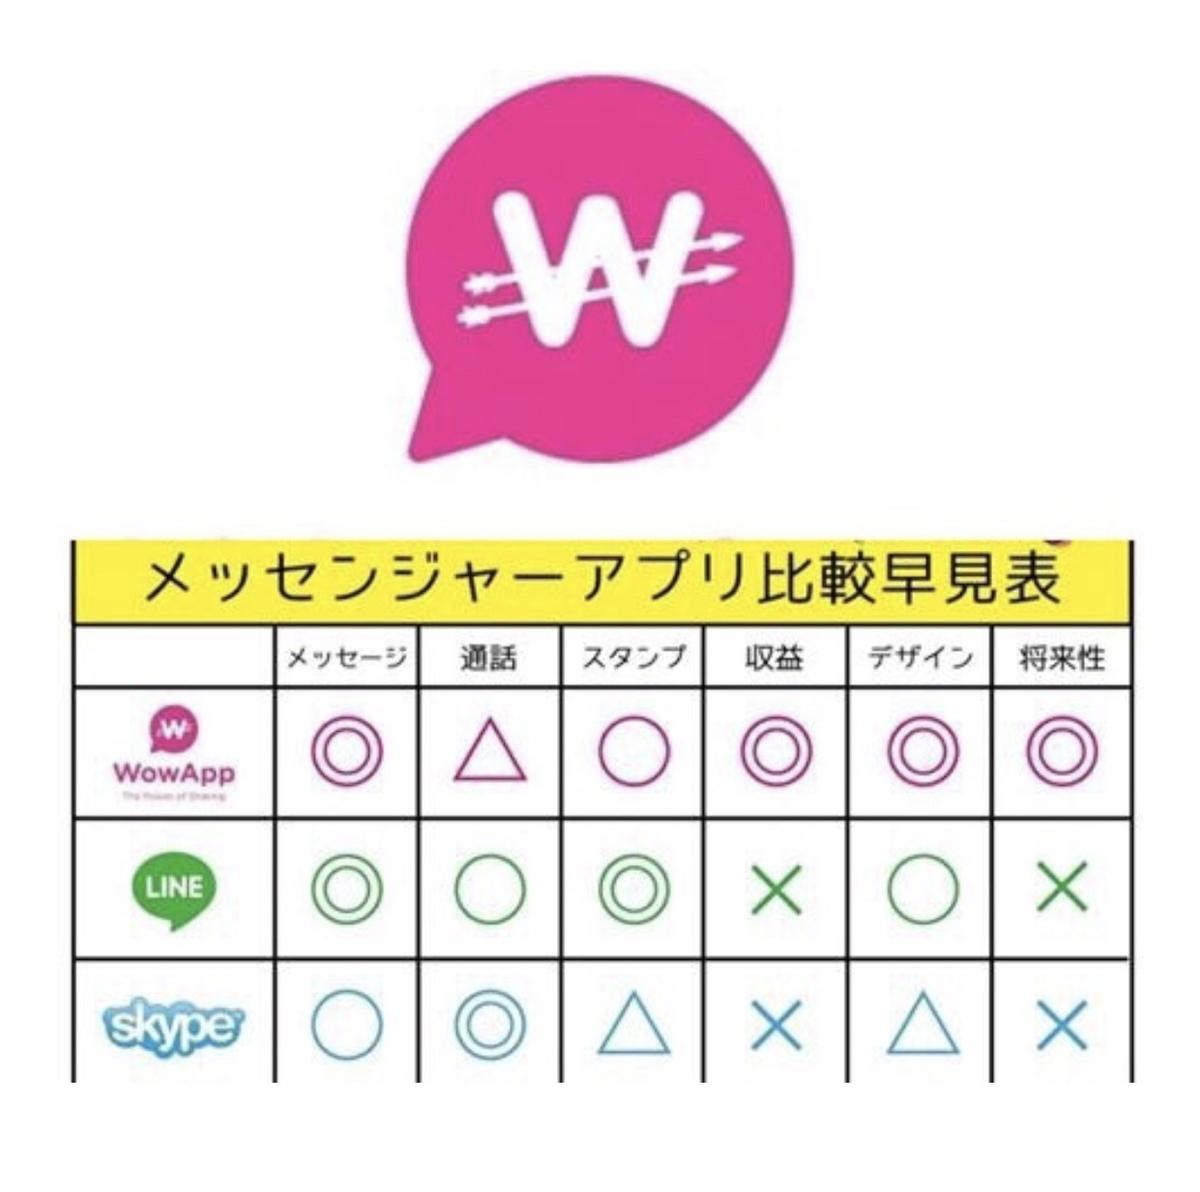 f:id:kaoruikeda:20200817152248j:plain